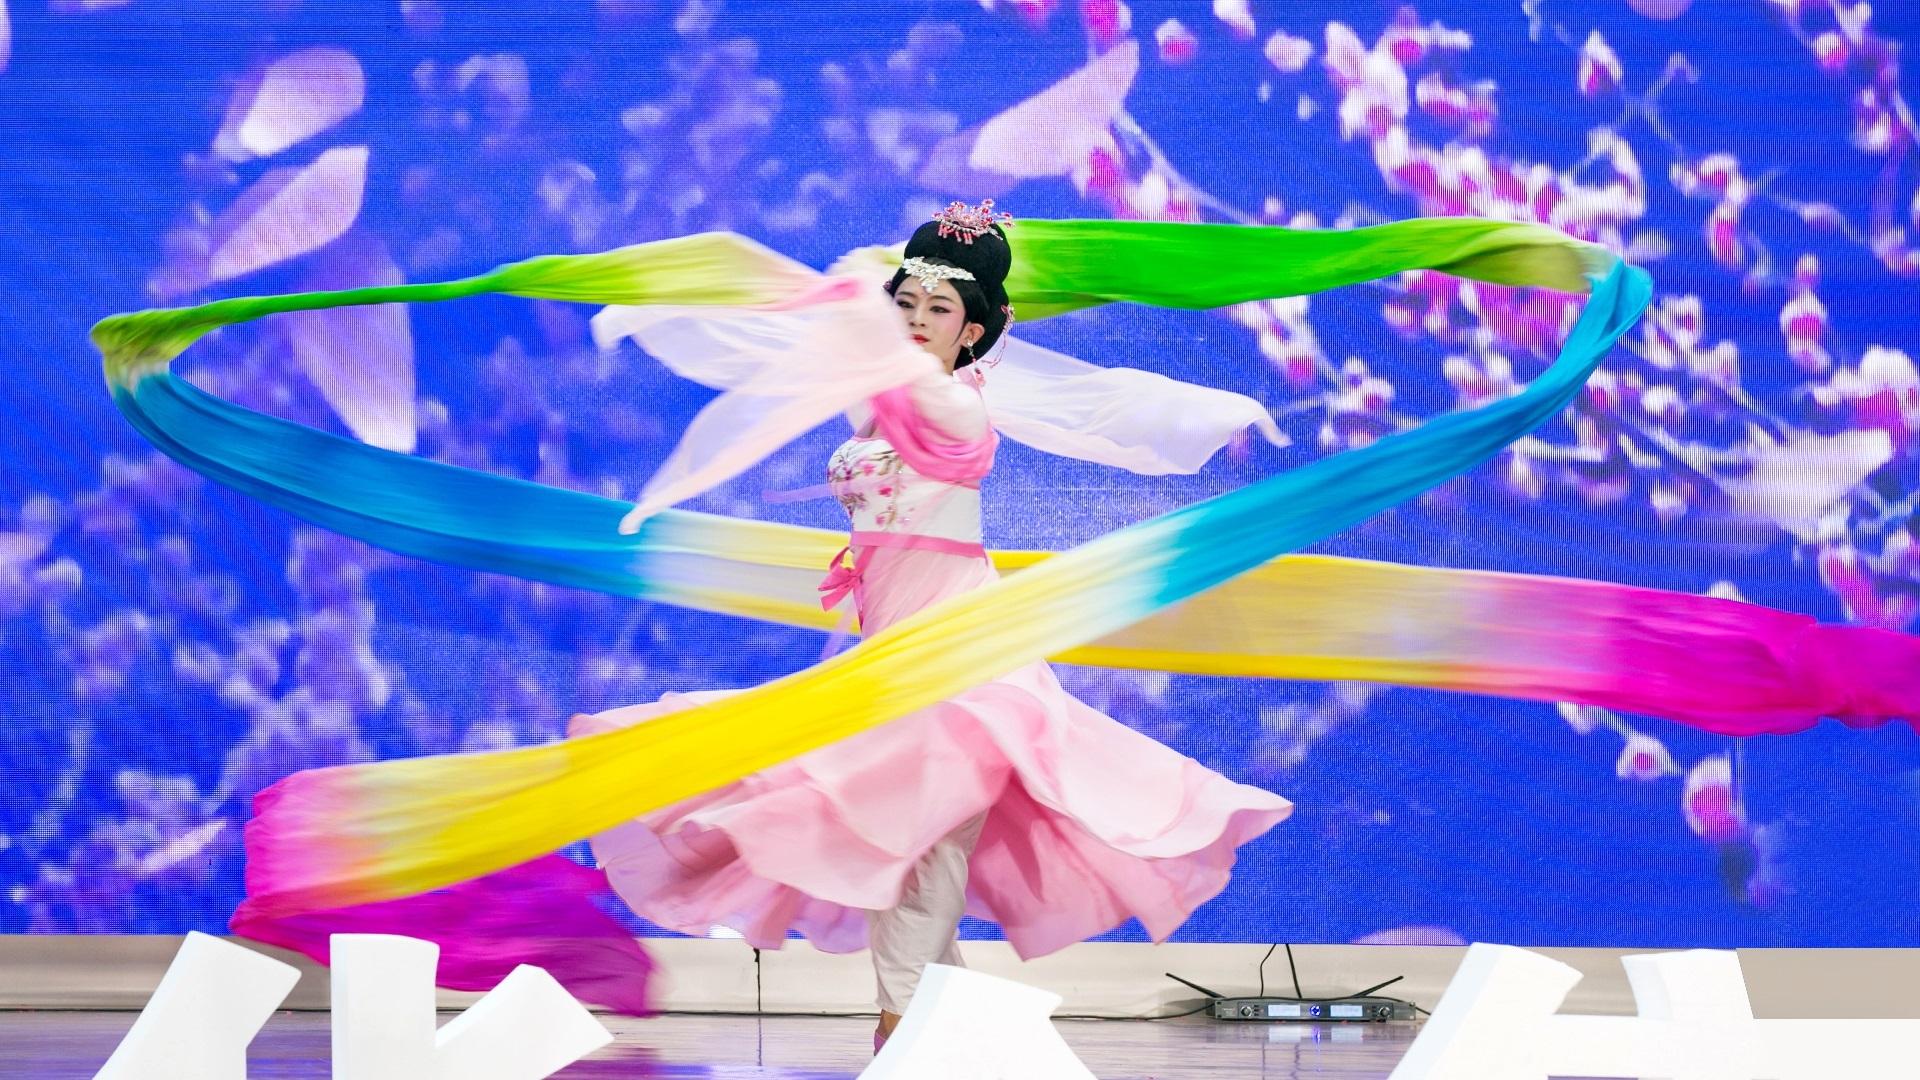 华全集团十周年庆典活动—— 《反串表演》